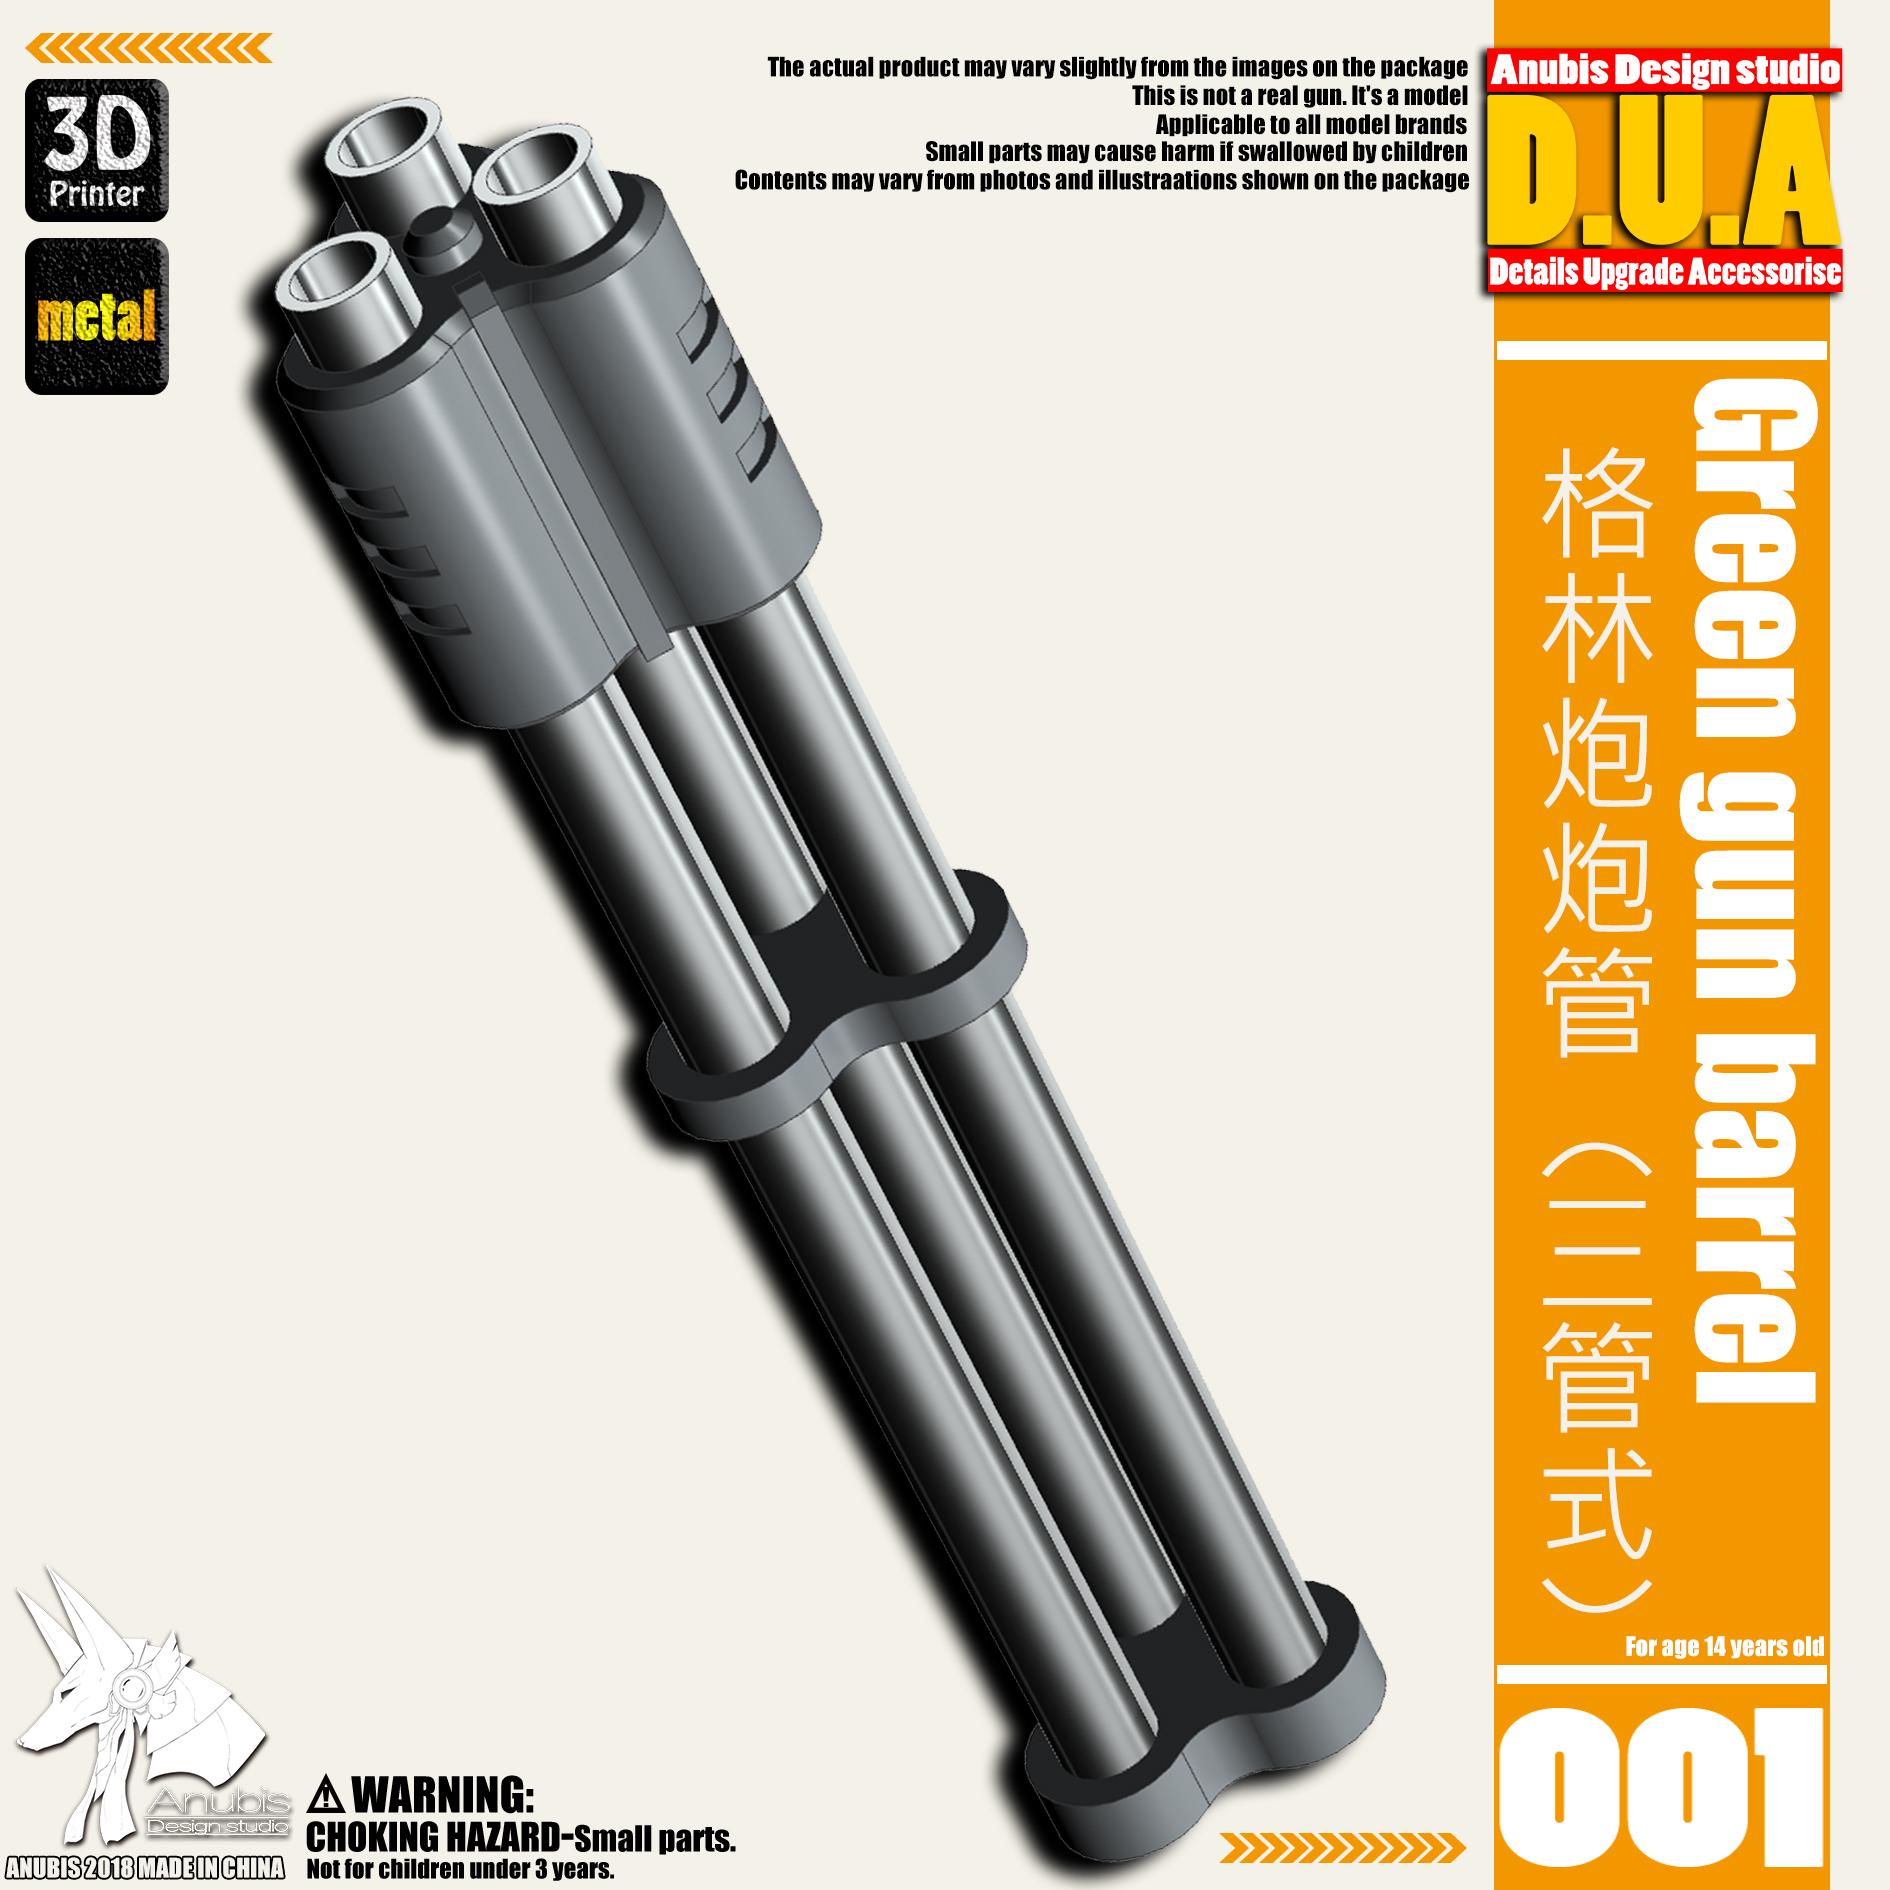 G413_DUA001_005.jpg